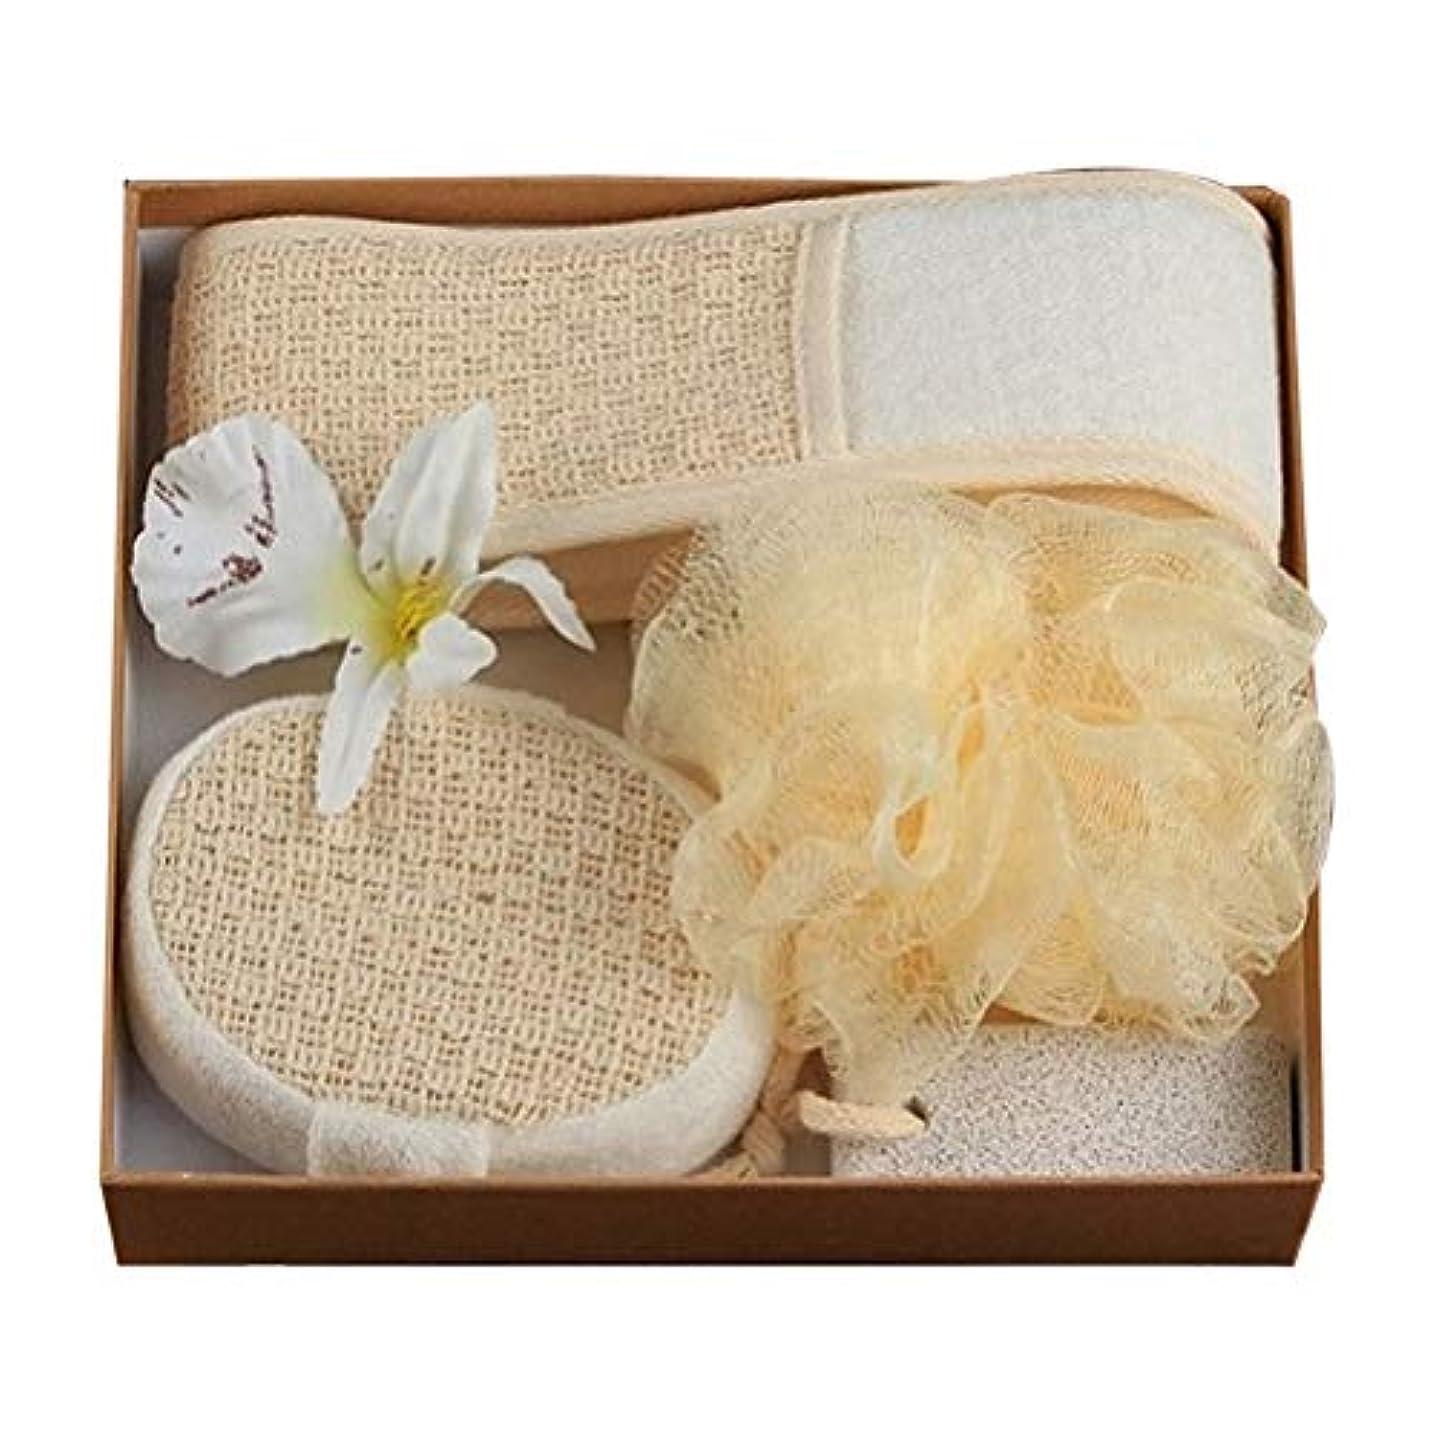 靴下芽嵐Healifty 4PCSボディクリーニングツールは、女性の男性のためのエクスフォリエーションシャワーボールバススクラバーストリップバススポンジを設定します(白い花なし)